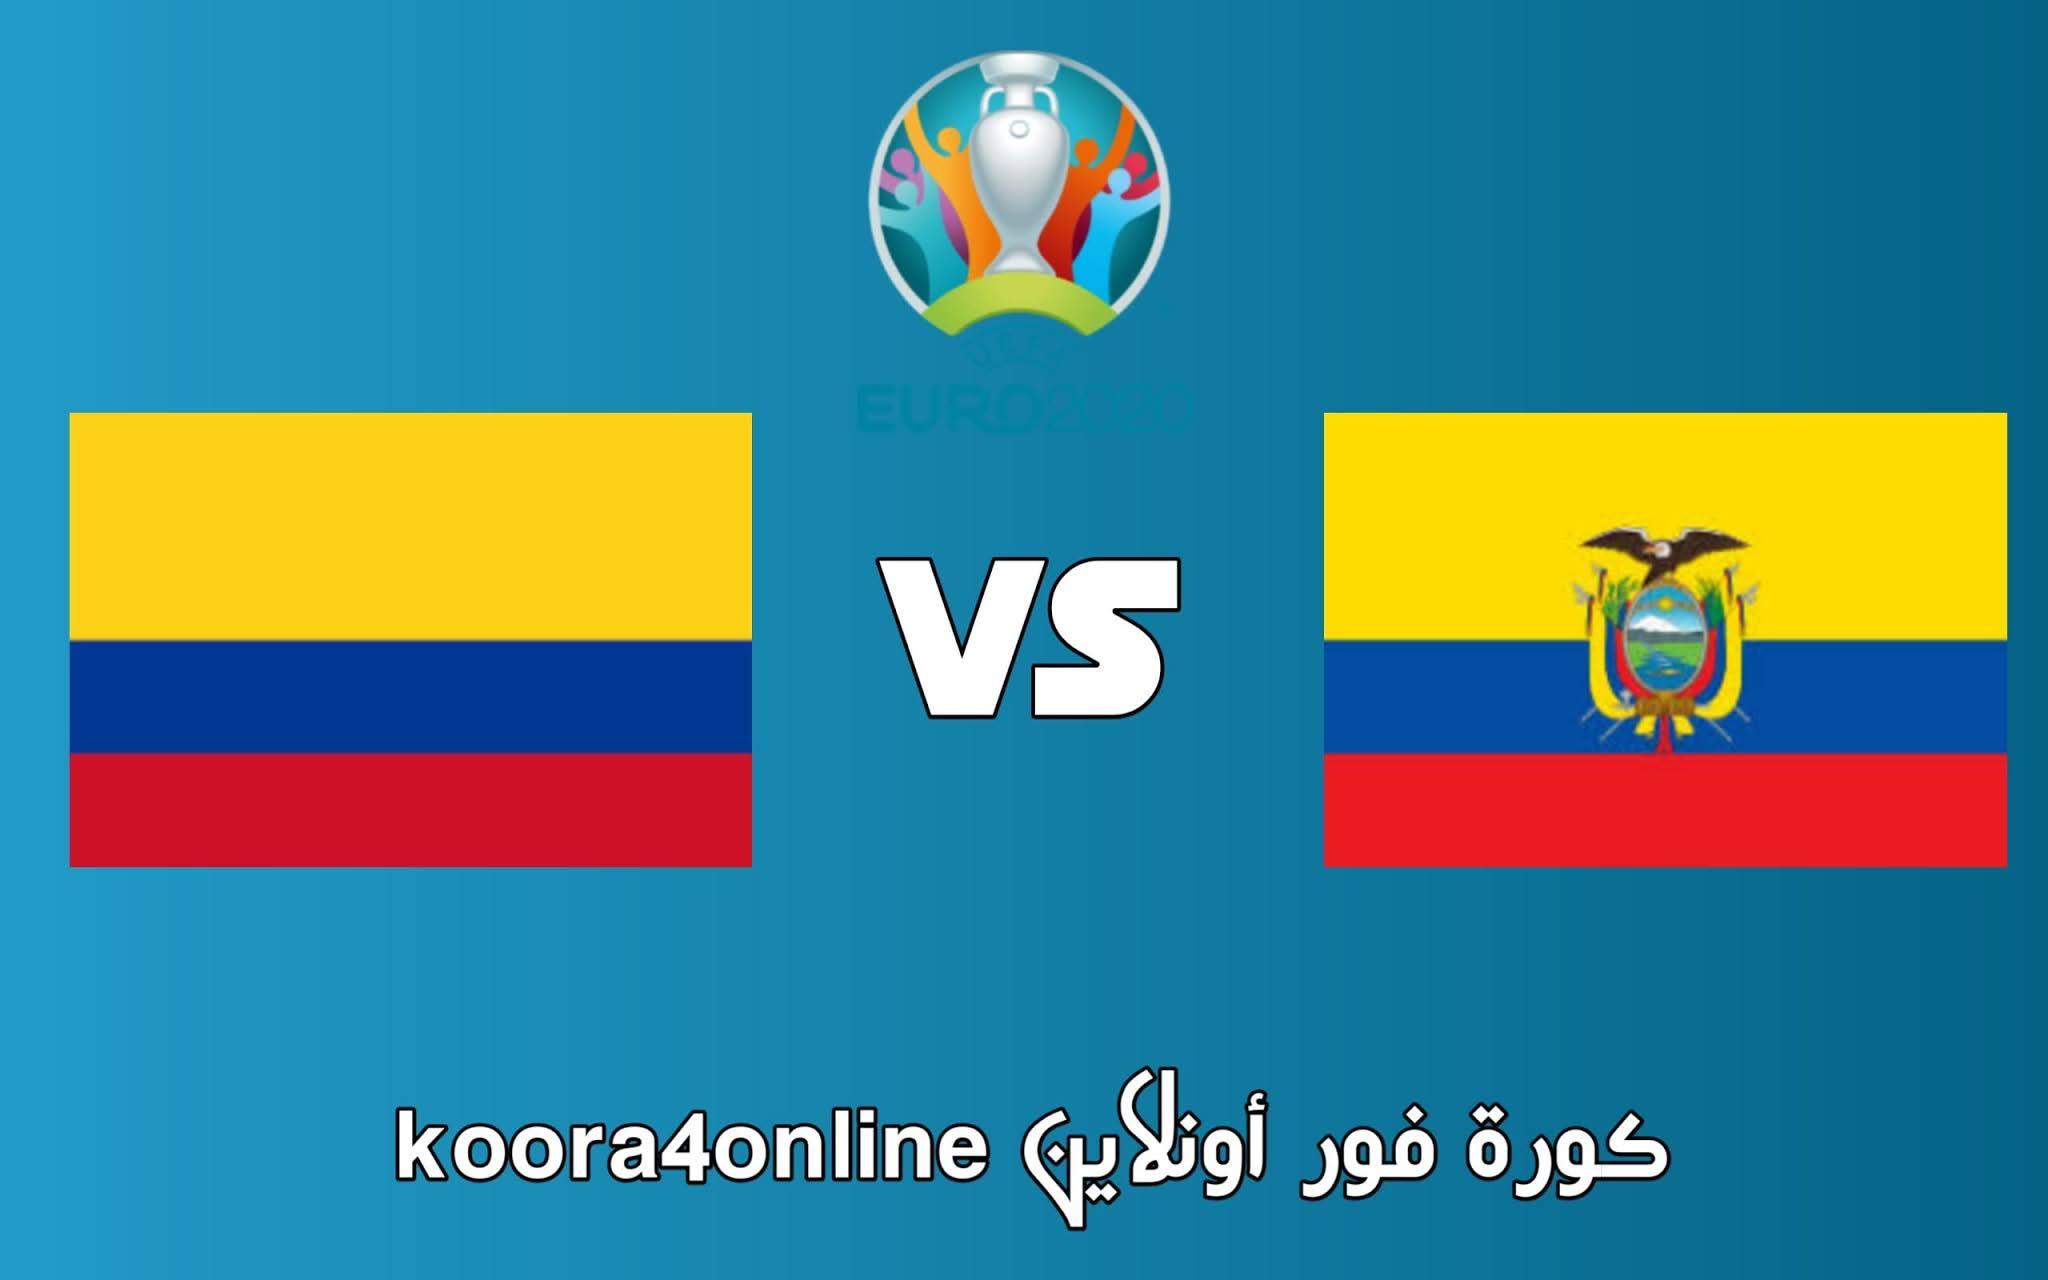 مشاهدة مباراة كولومبيا و اكوادور  اليوم 2021-06-14في  كوبا امريكا 2021